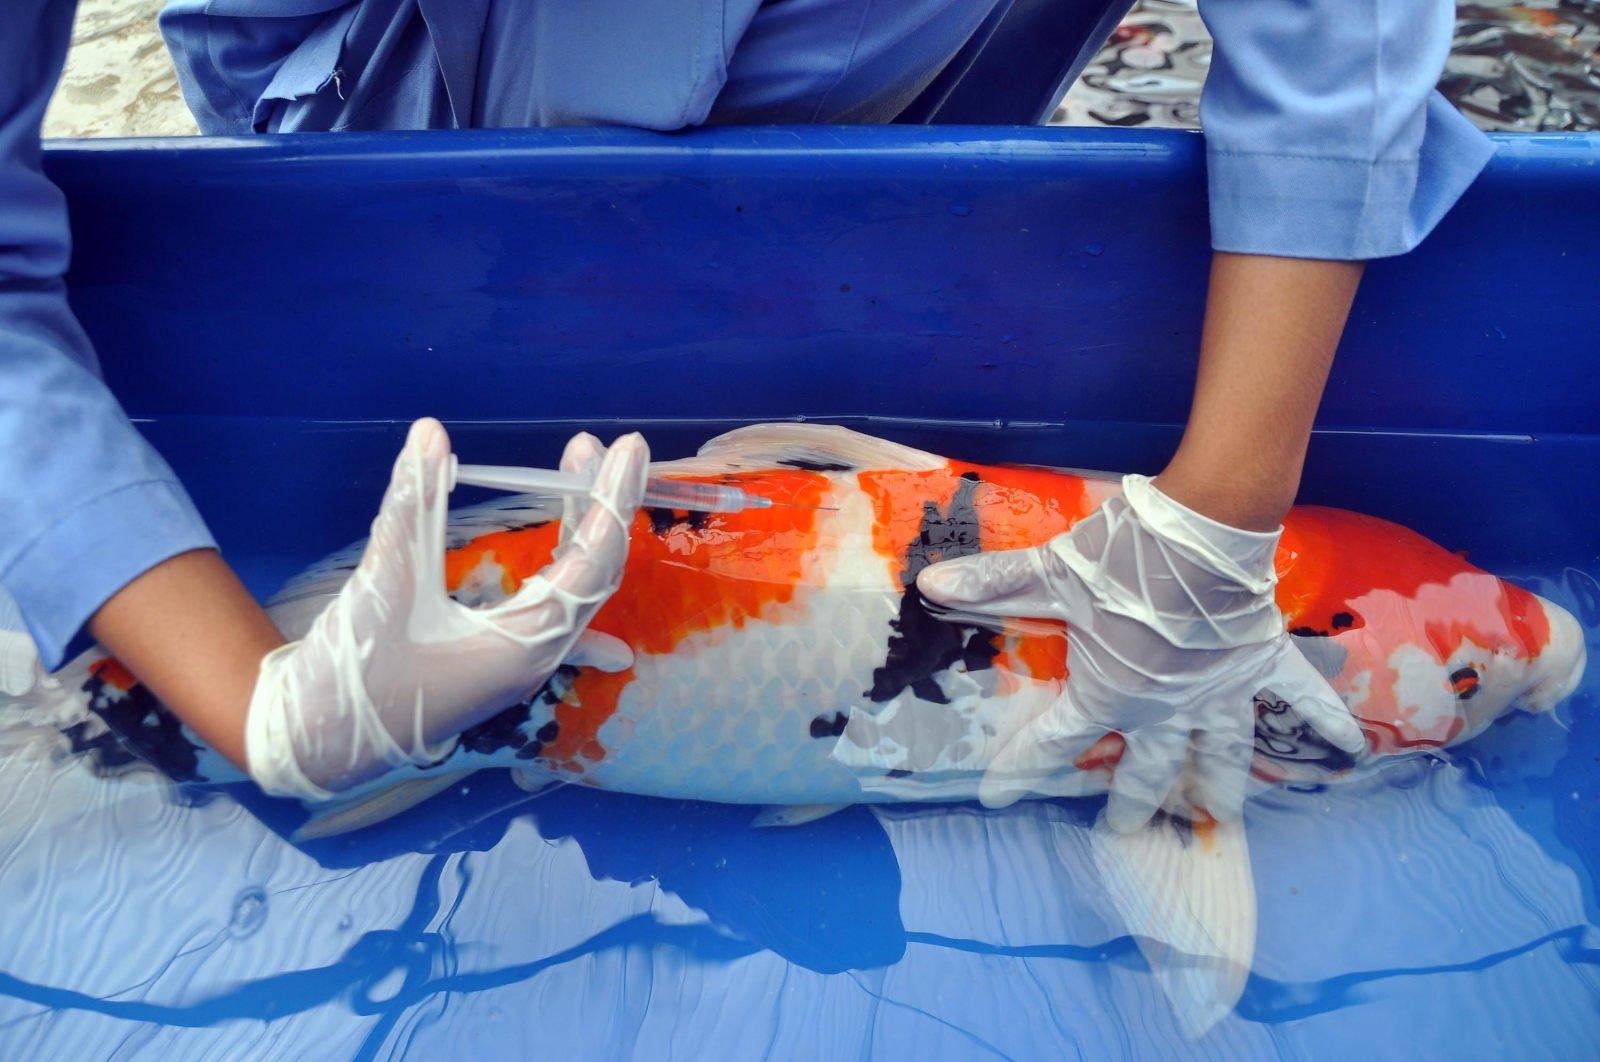 cara mengobati Infeksi Jamur Saprolegnia (Saprolegniasis) ikan koi